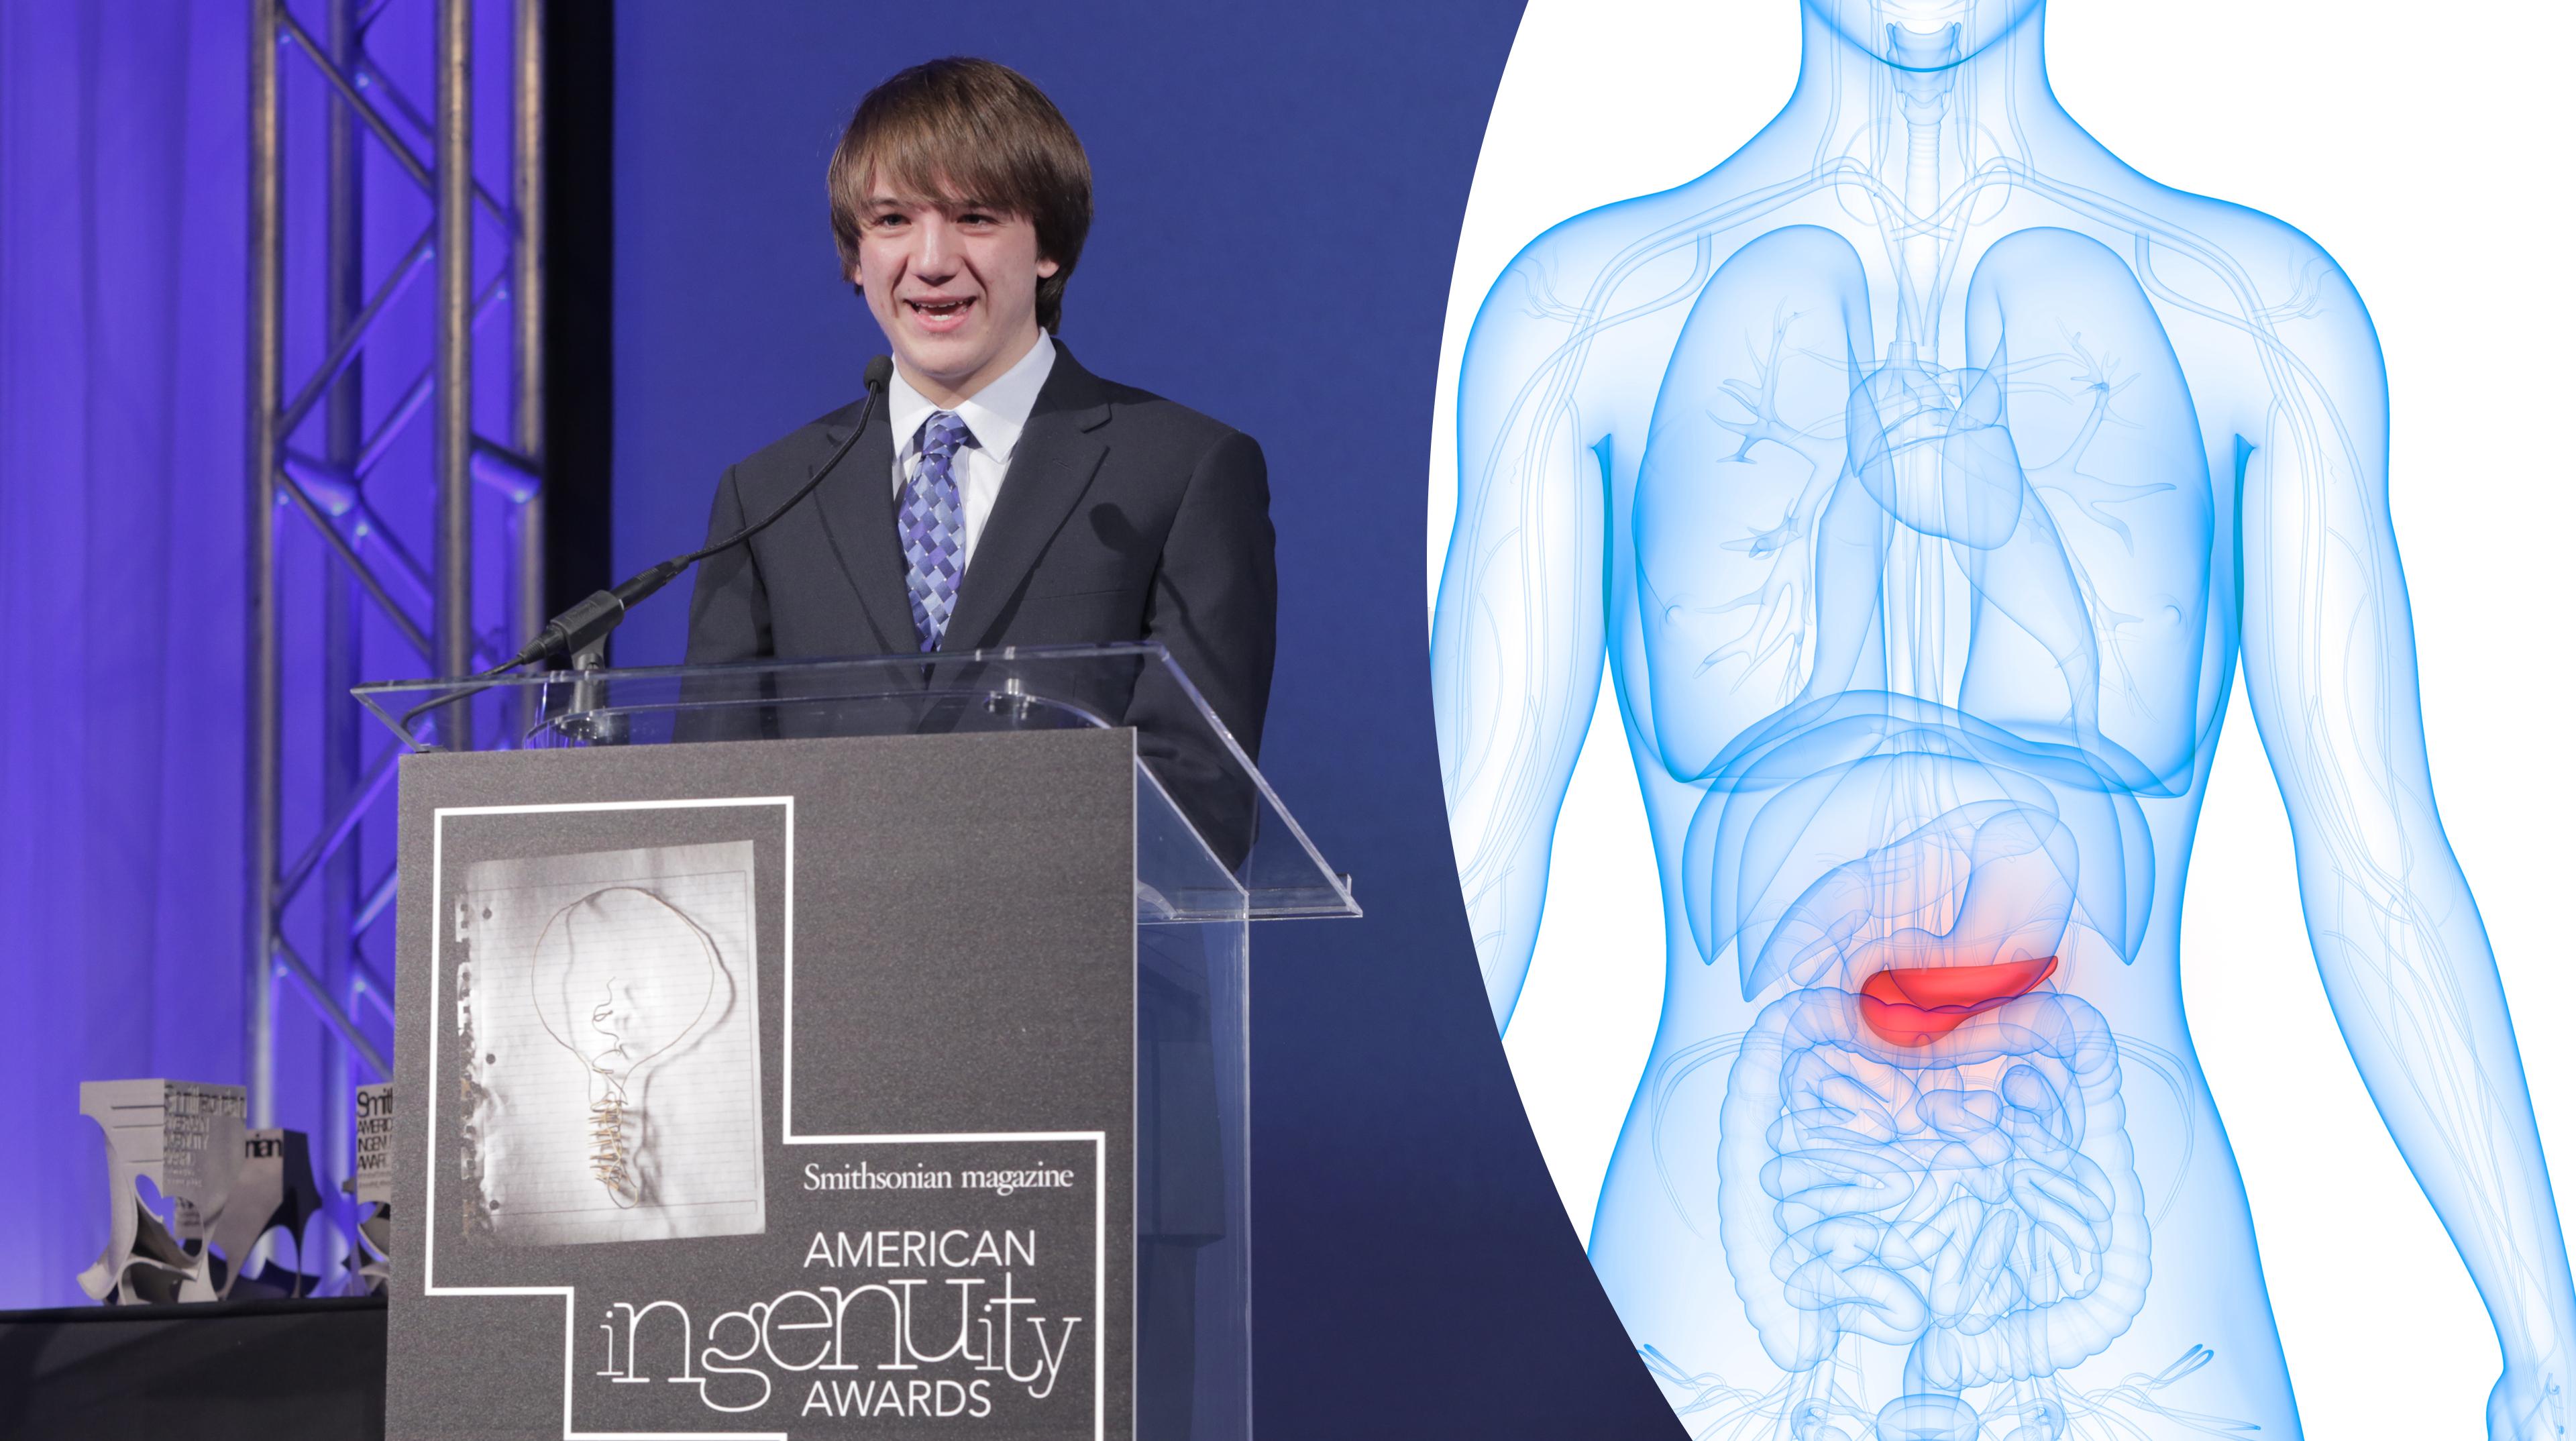 15-jähriges Genie erfindet 100 prozentig genaue Krebsdiagnose zur Früherkennung